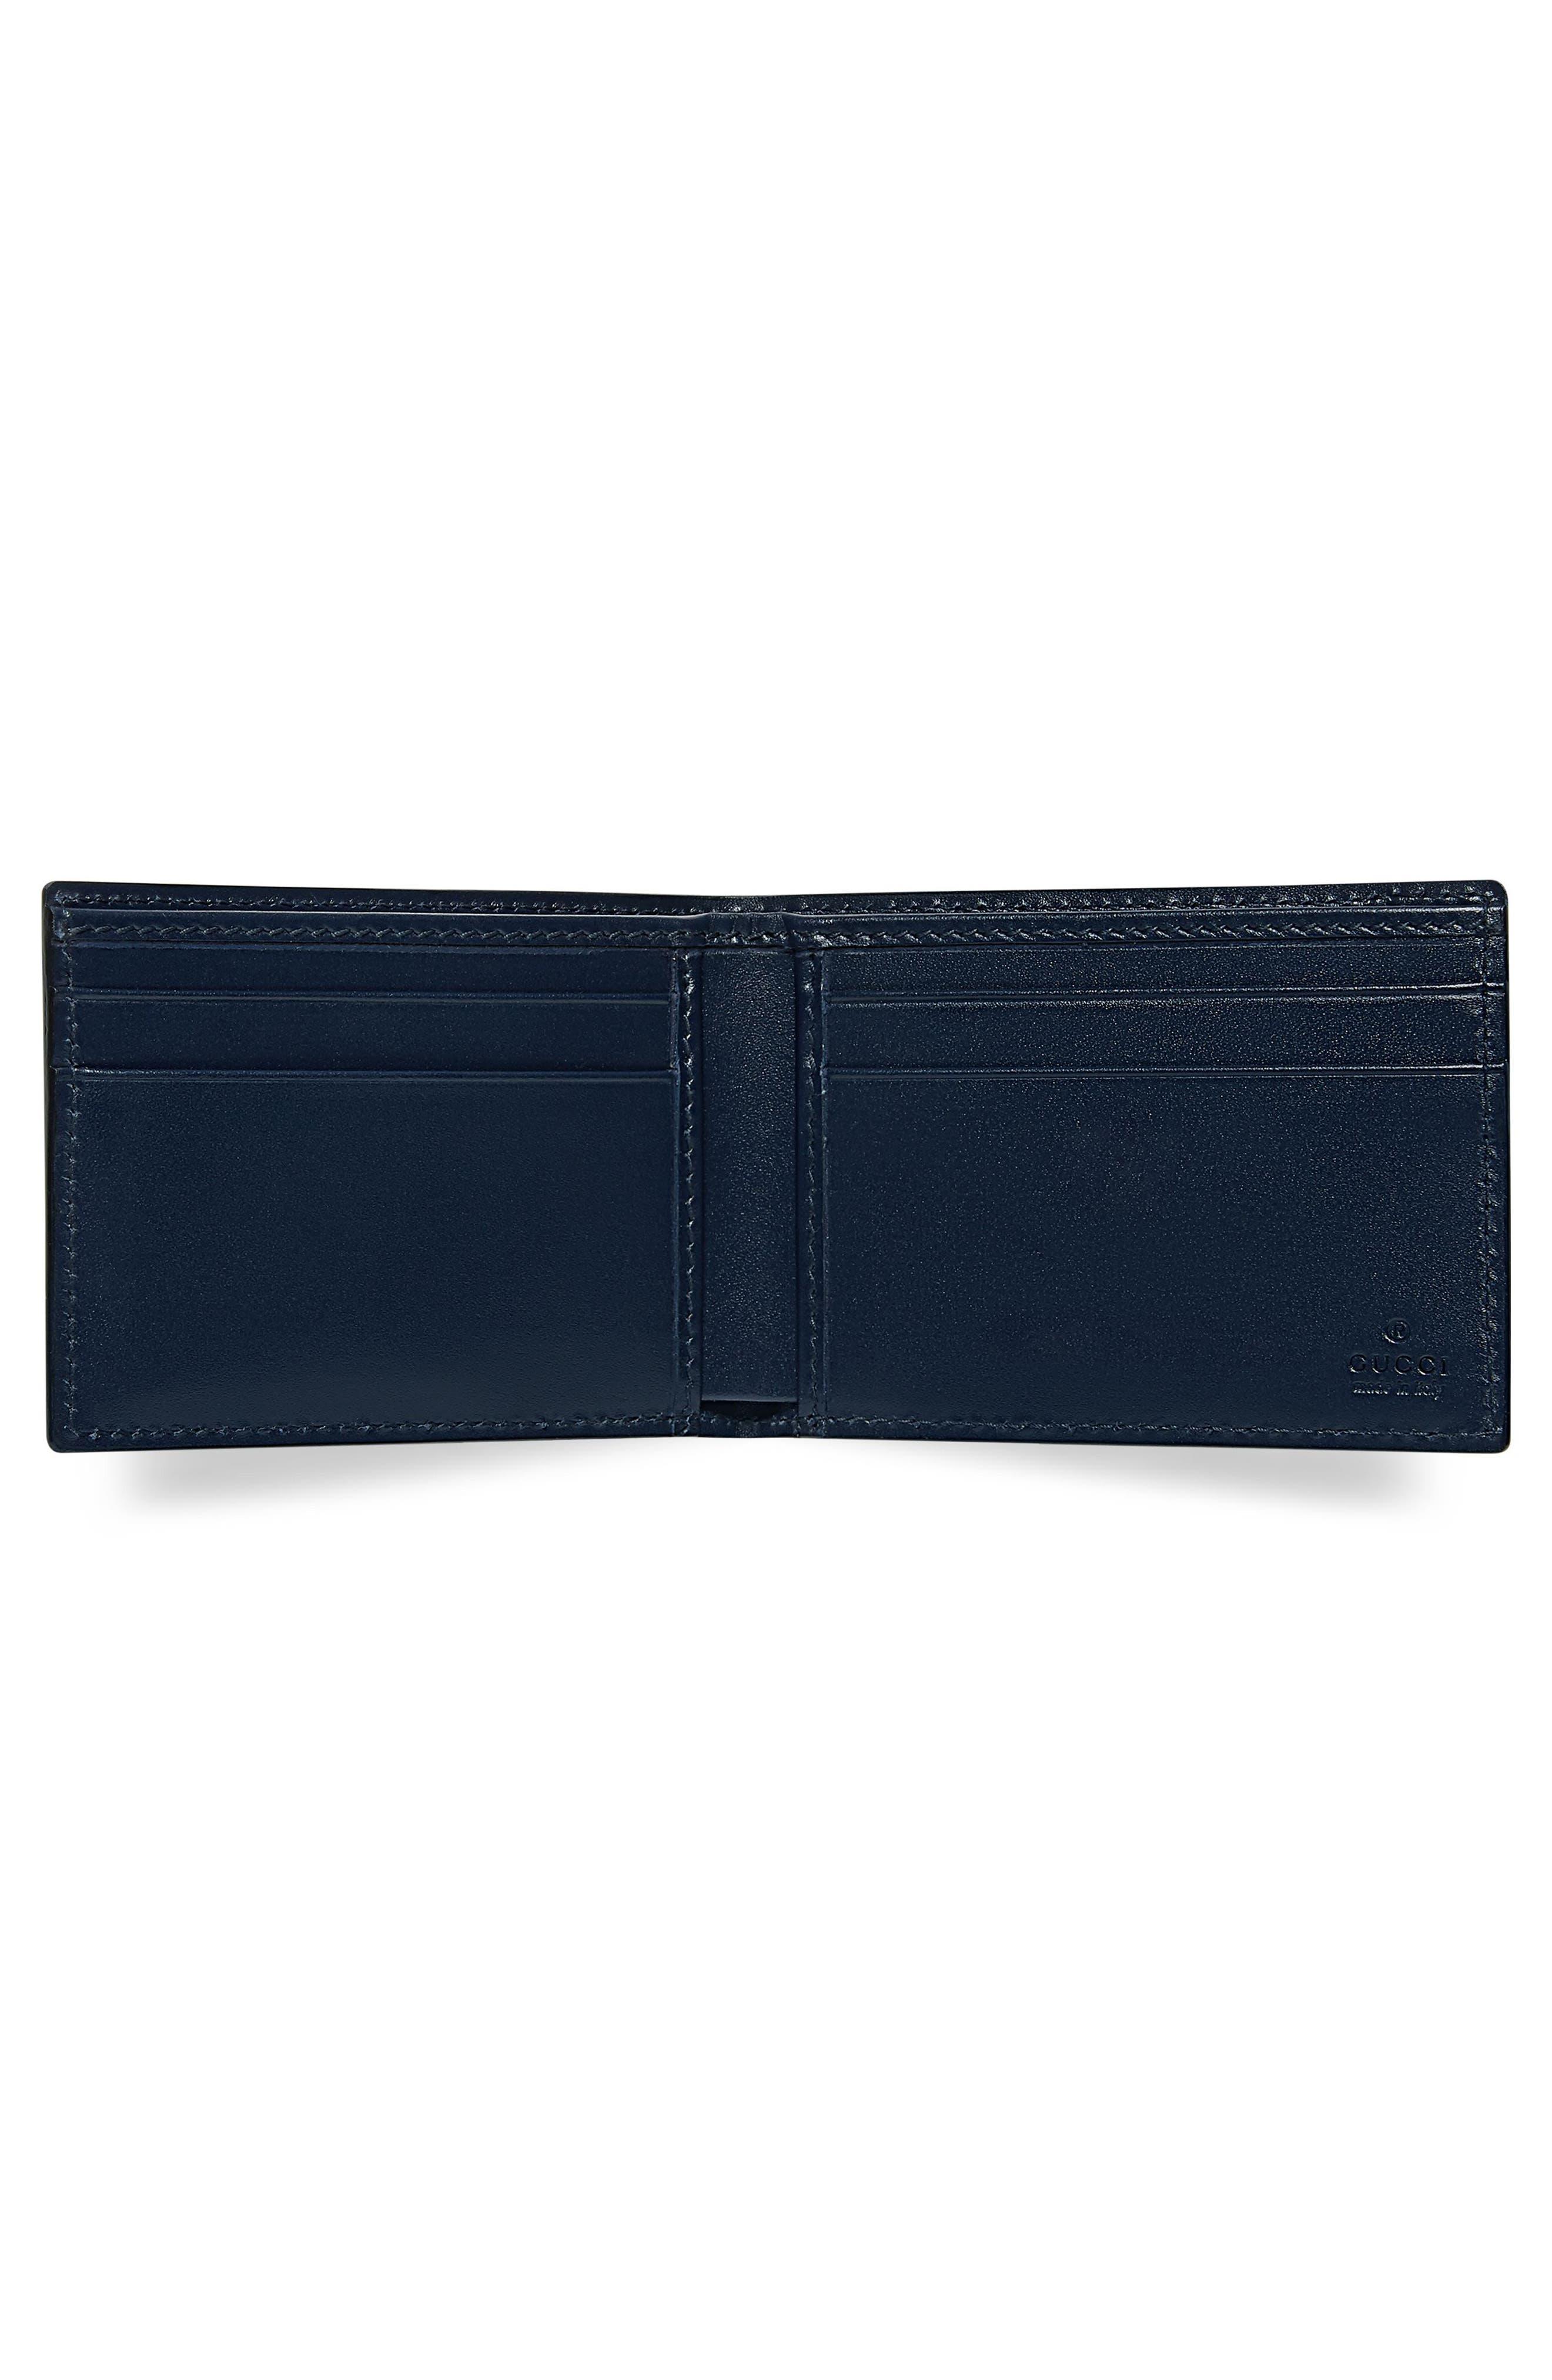 Avel Wallet,                             Alternate thumbnail 7, color,